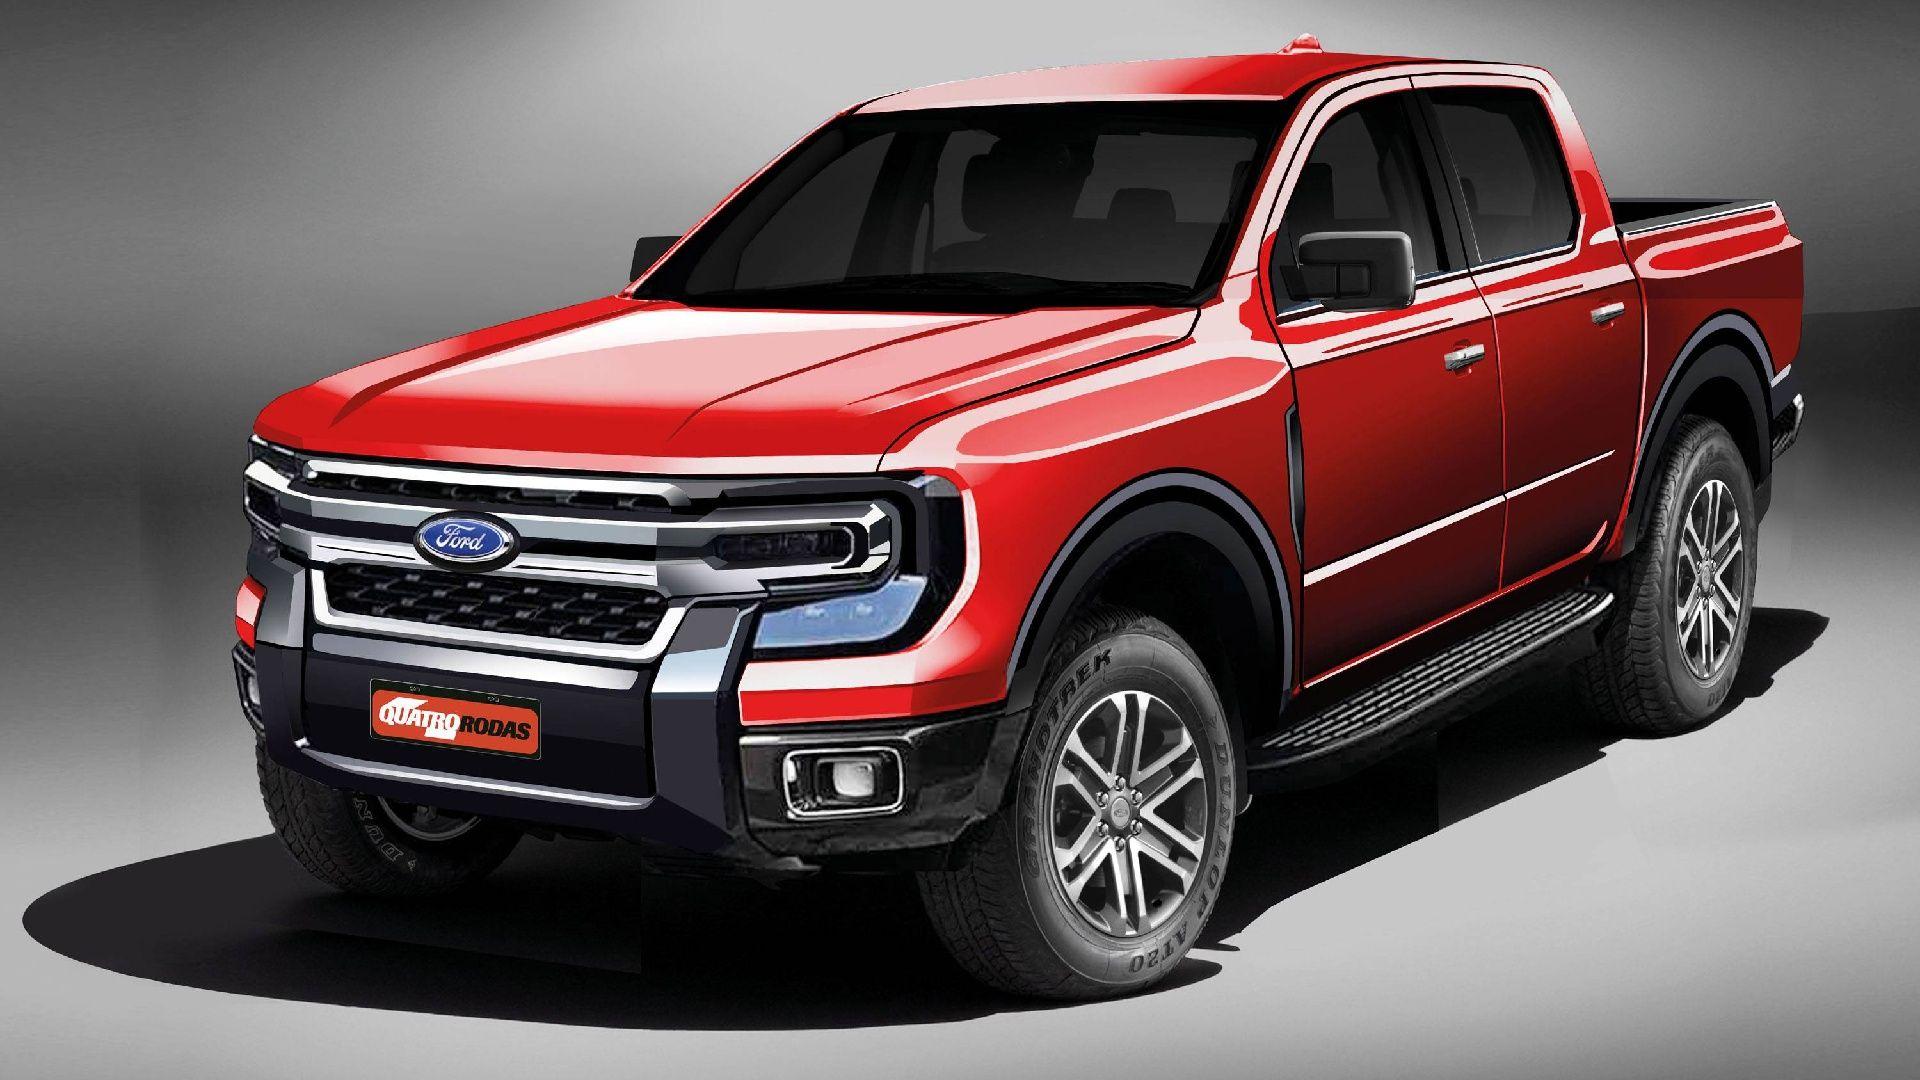 ¿Cuáles serán las motorizaciones de la nueva Ford Ranger?